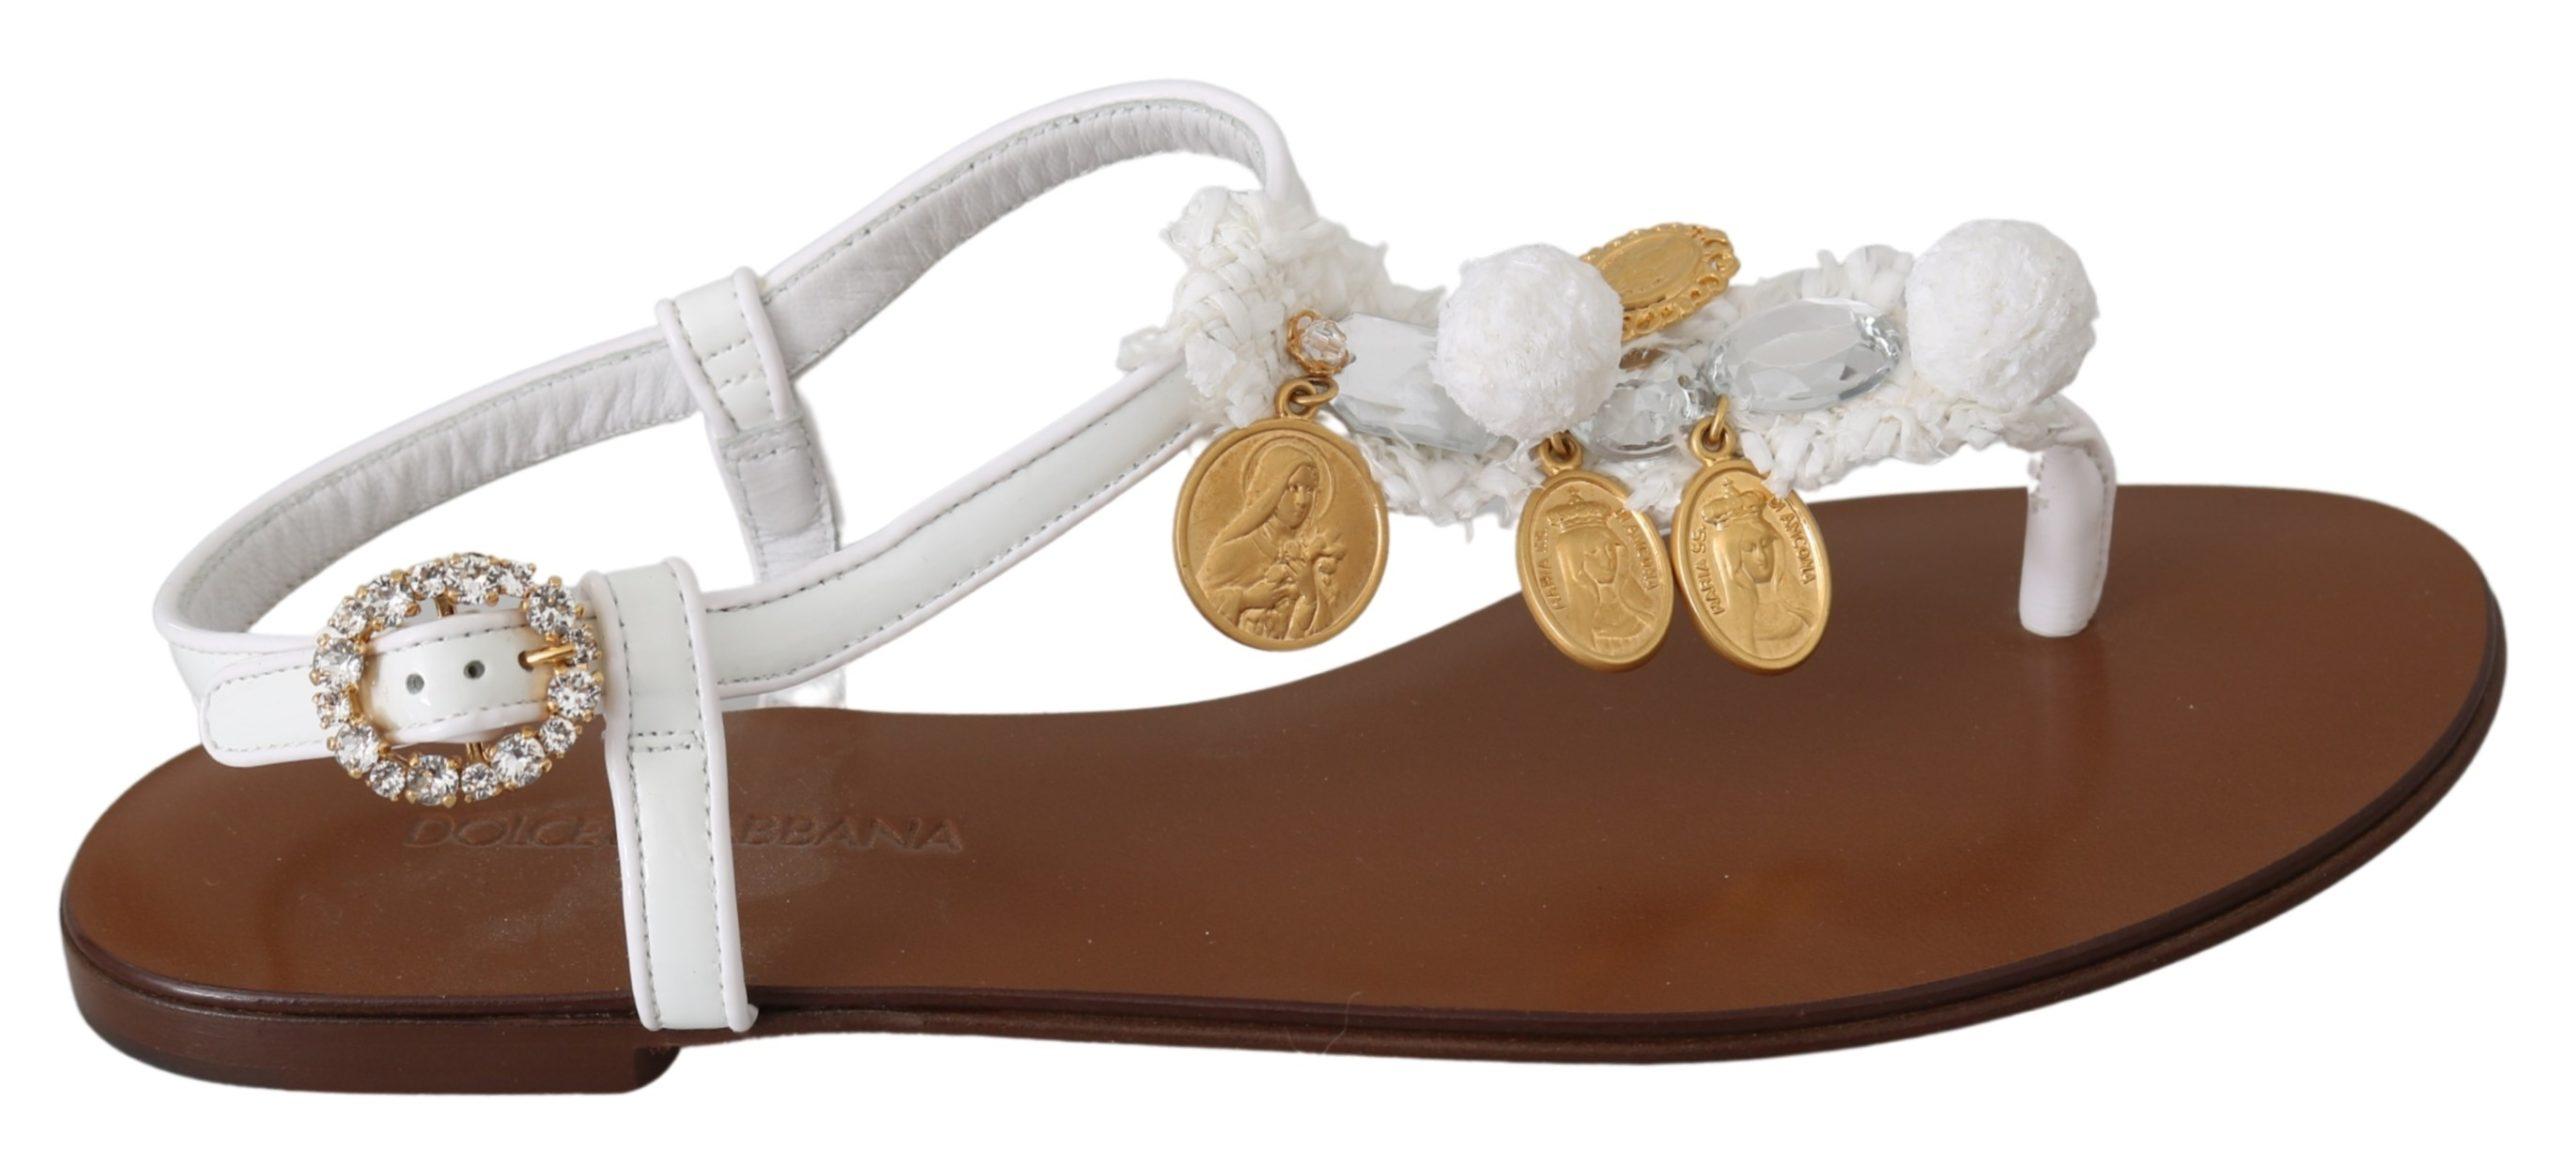 White Leather Coins Flip Flops Sandals Shoes - EU35/US4.5